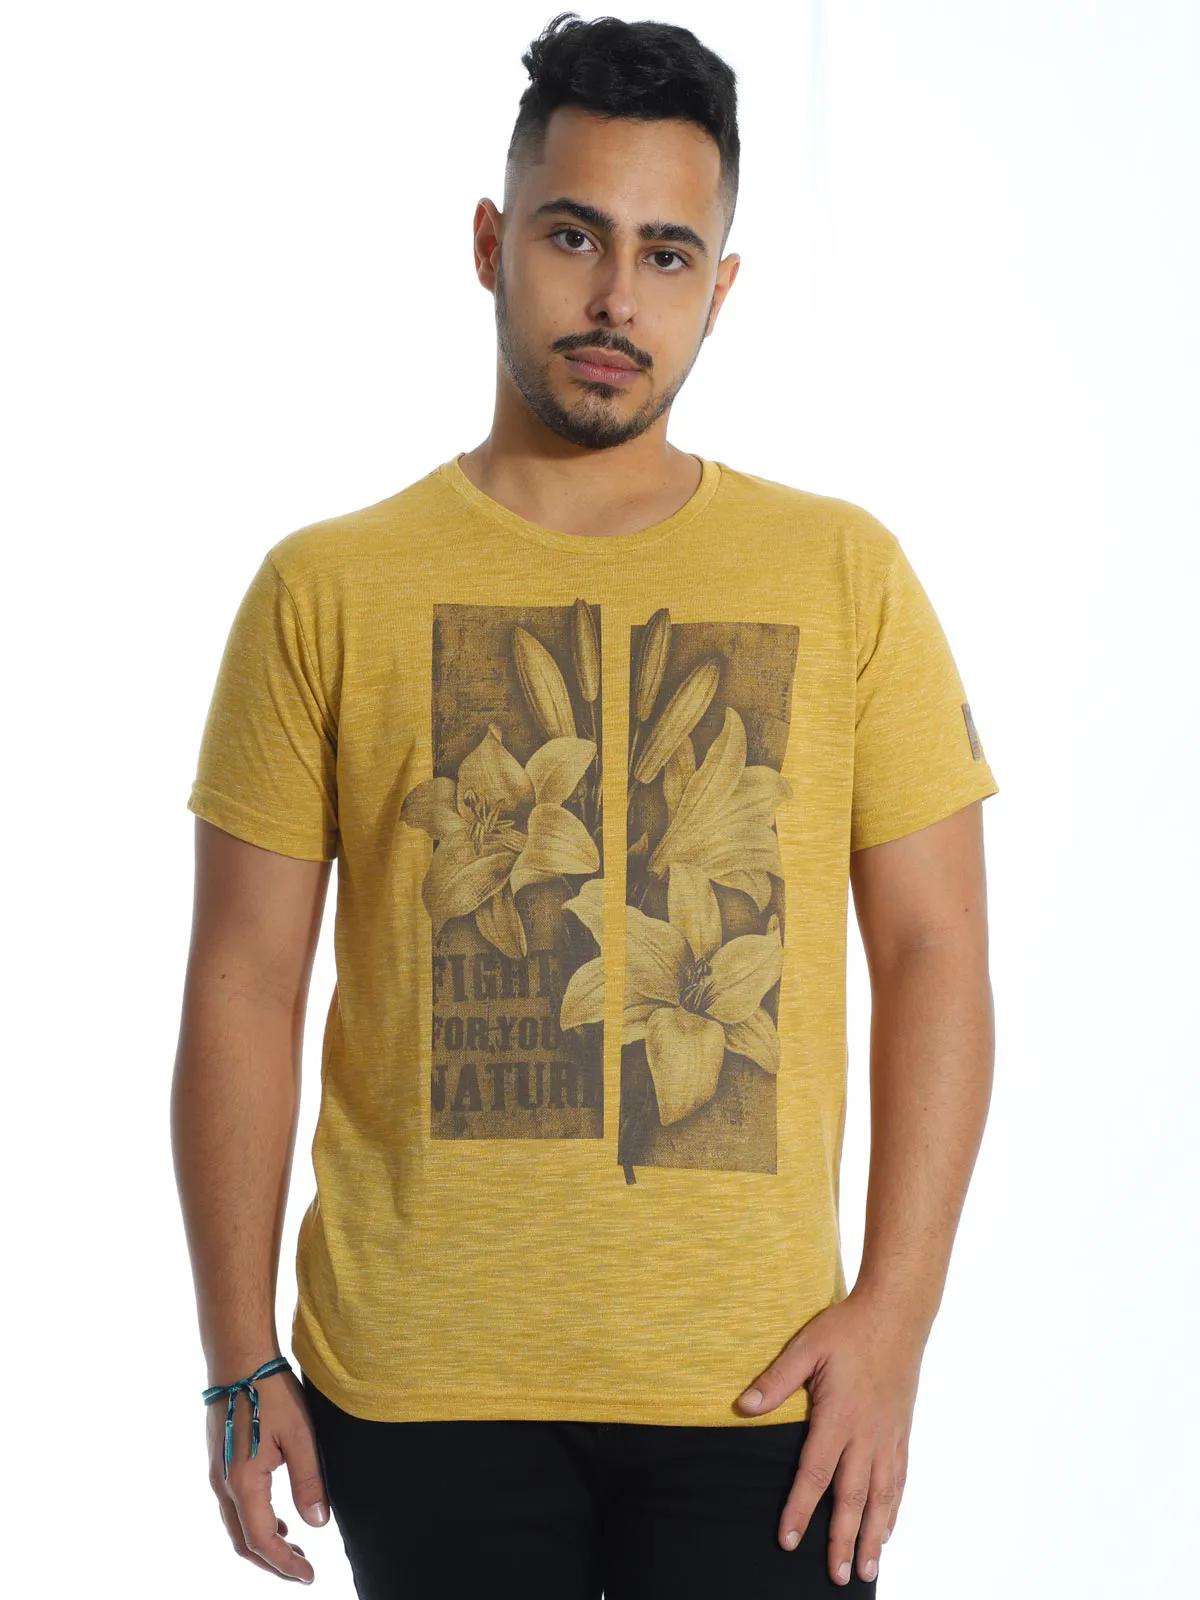 Camiseta Masculina Slim Fit Manga Curta Estampada Granite Amarelo